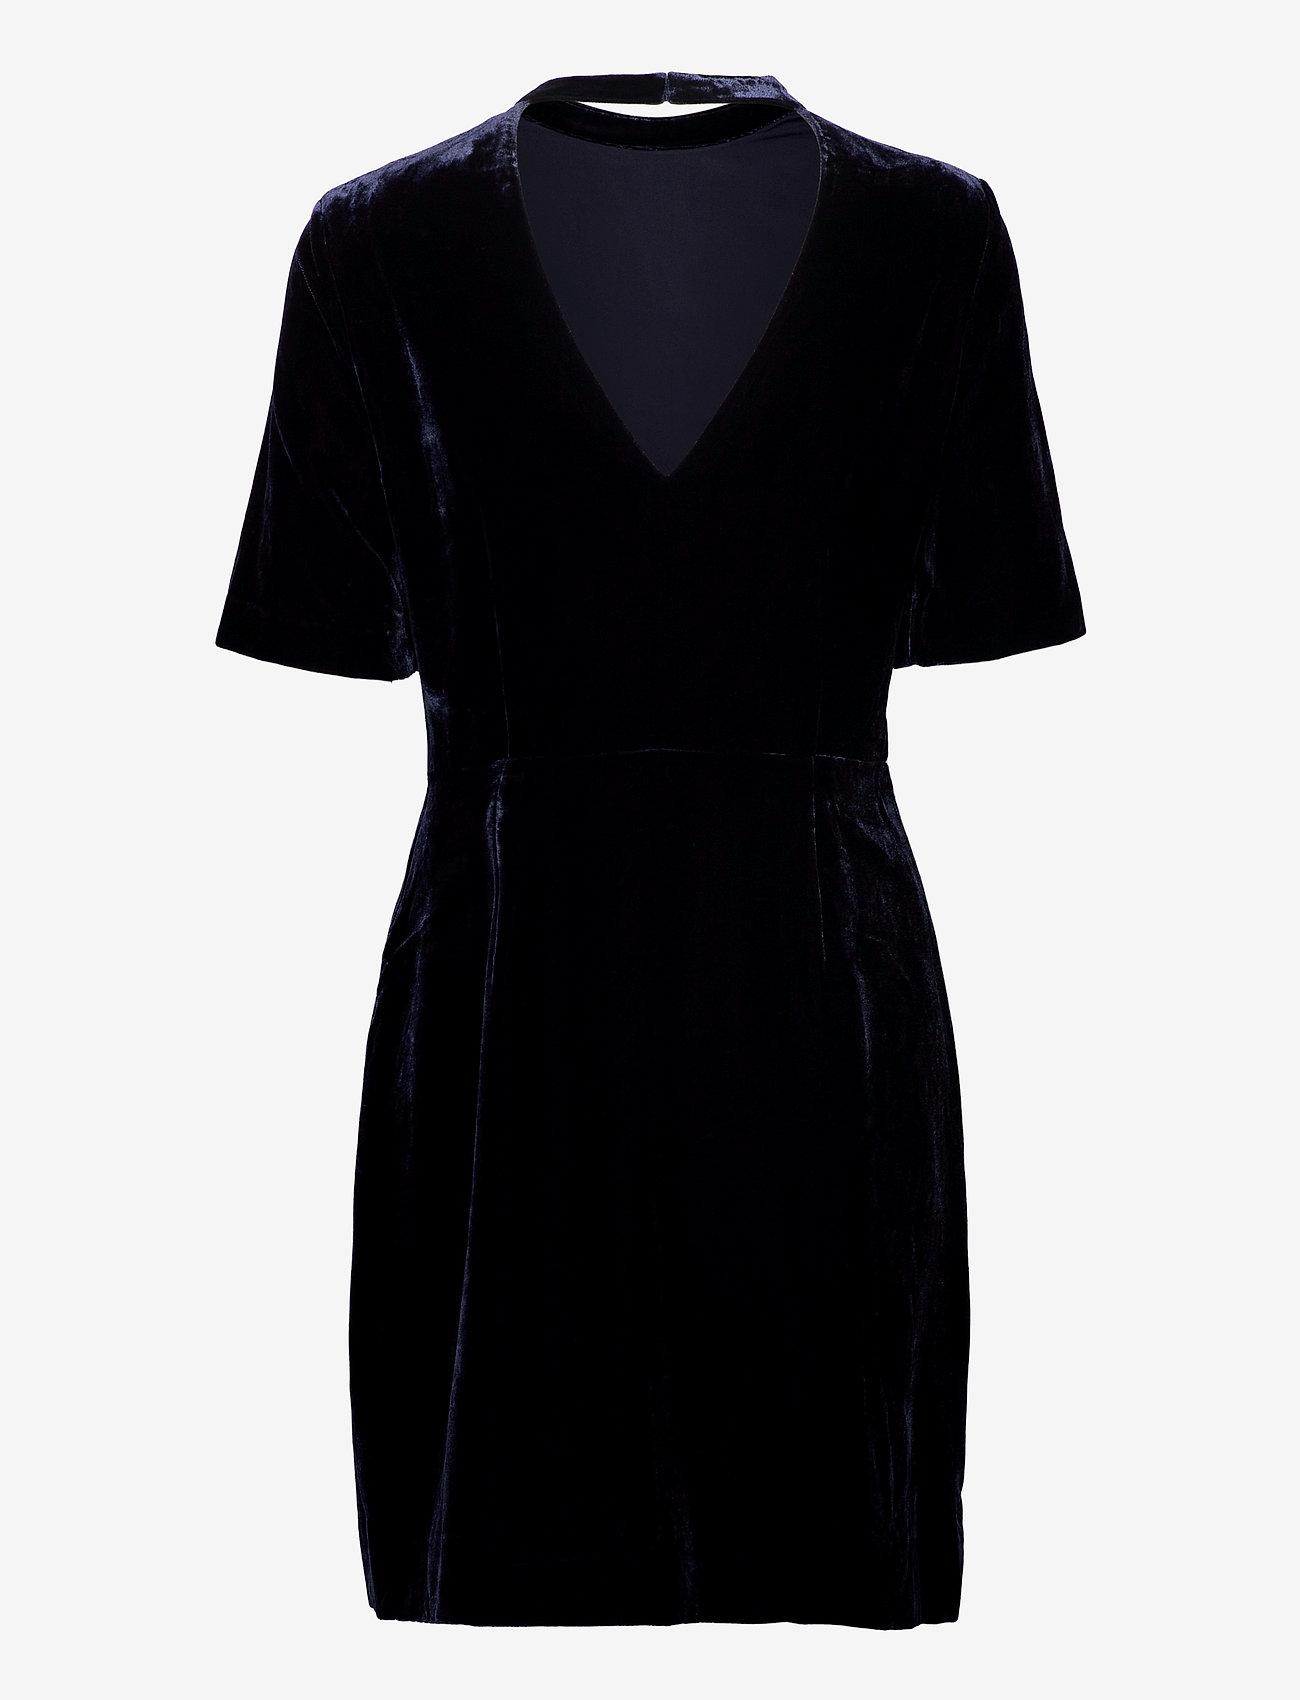 GANT - D2. FITTED VELVET DRESS - short dresses - evening blue - 1